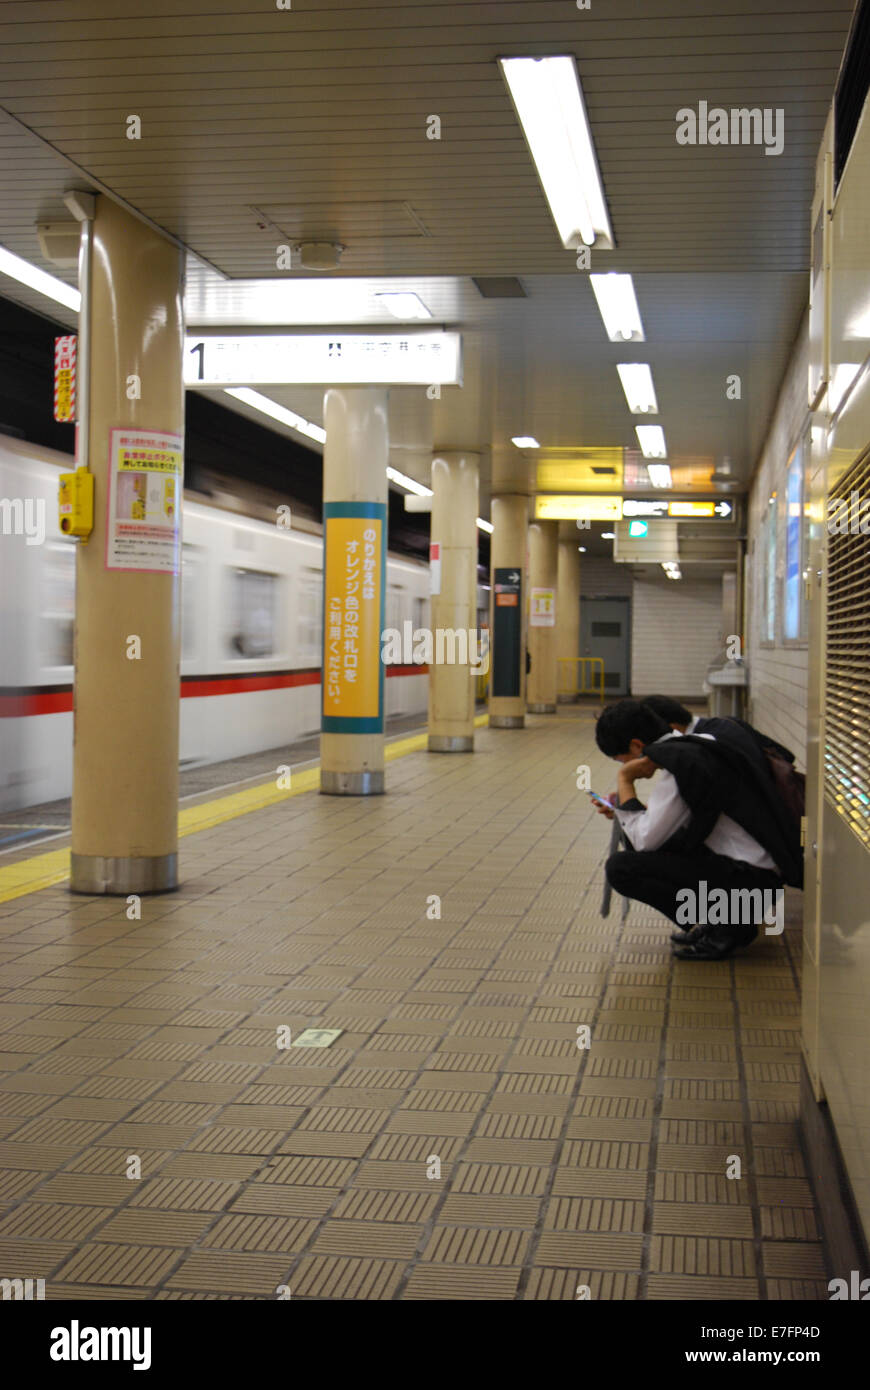 Subway platform, Tokyo, Japan - Stock Image